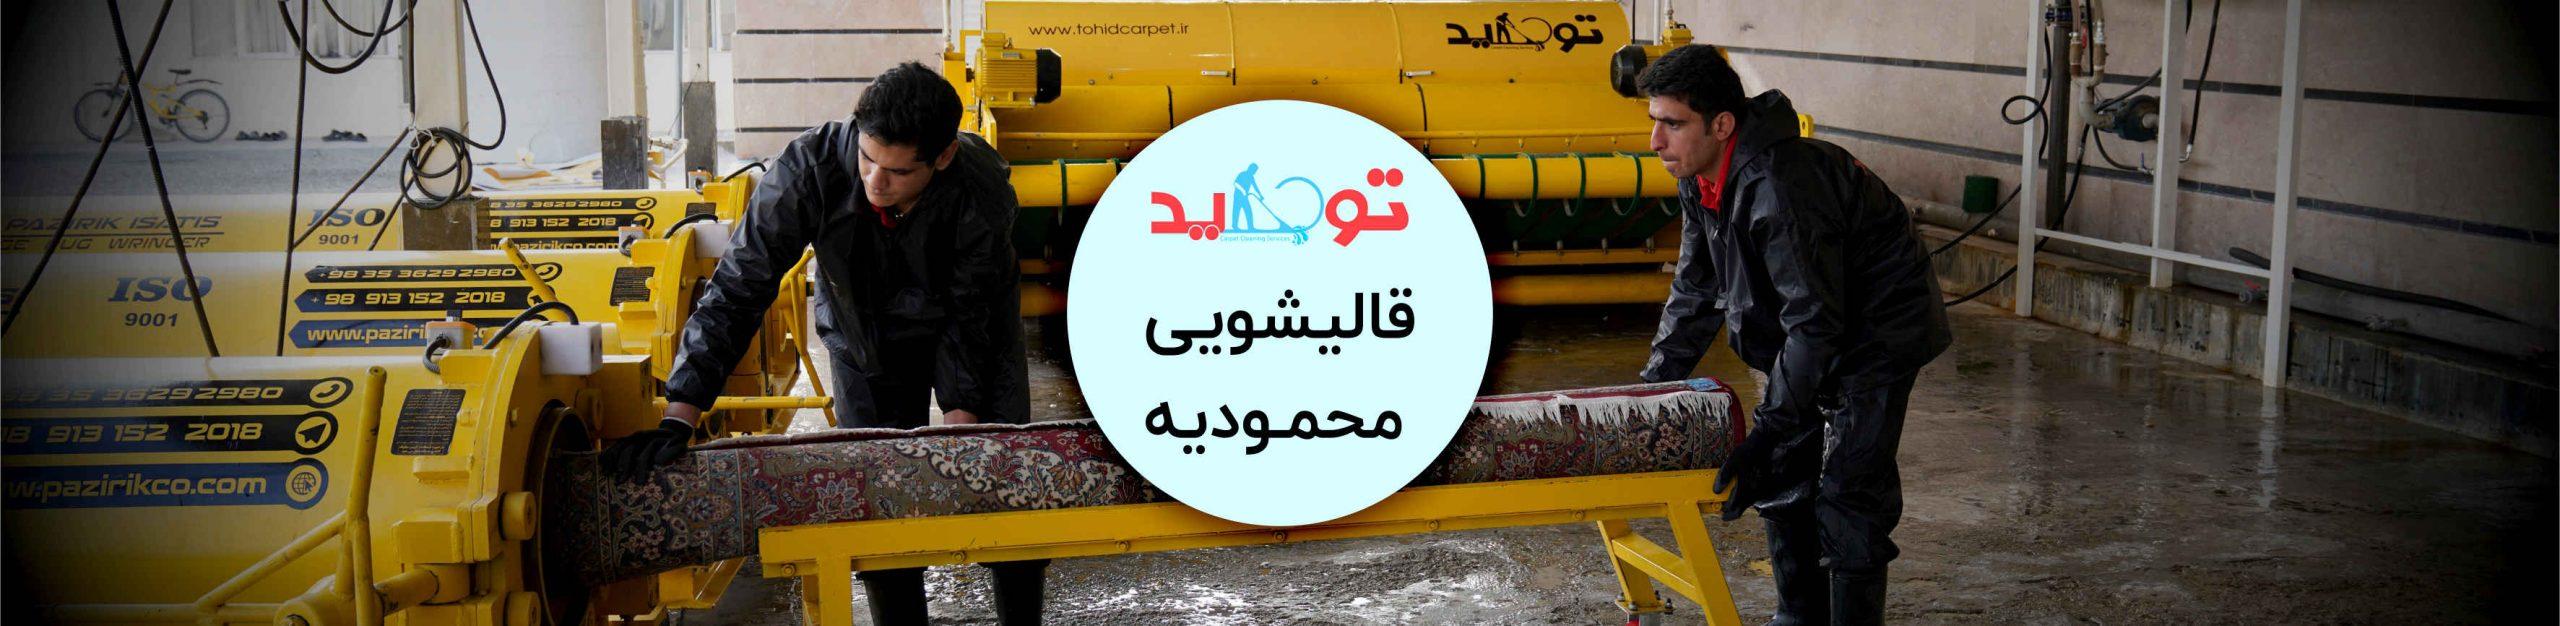 قالیشویی محمودیه